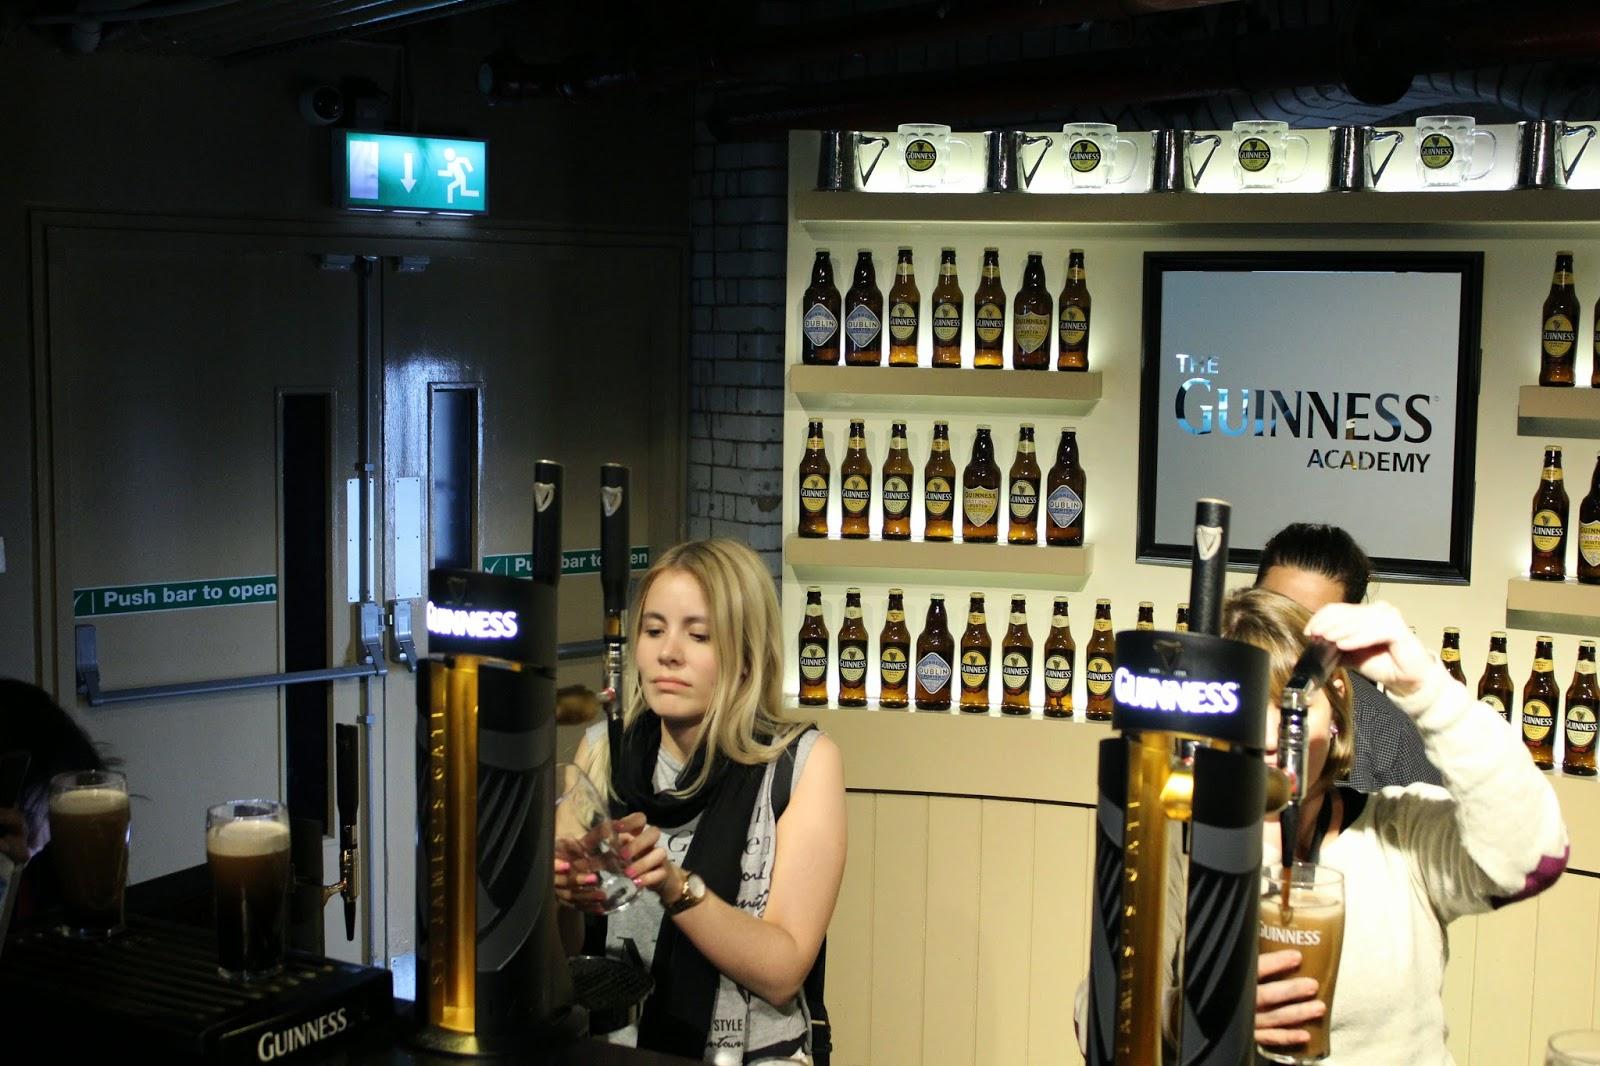 Cervejaria-Guinness